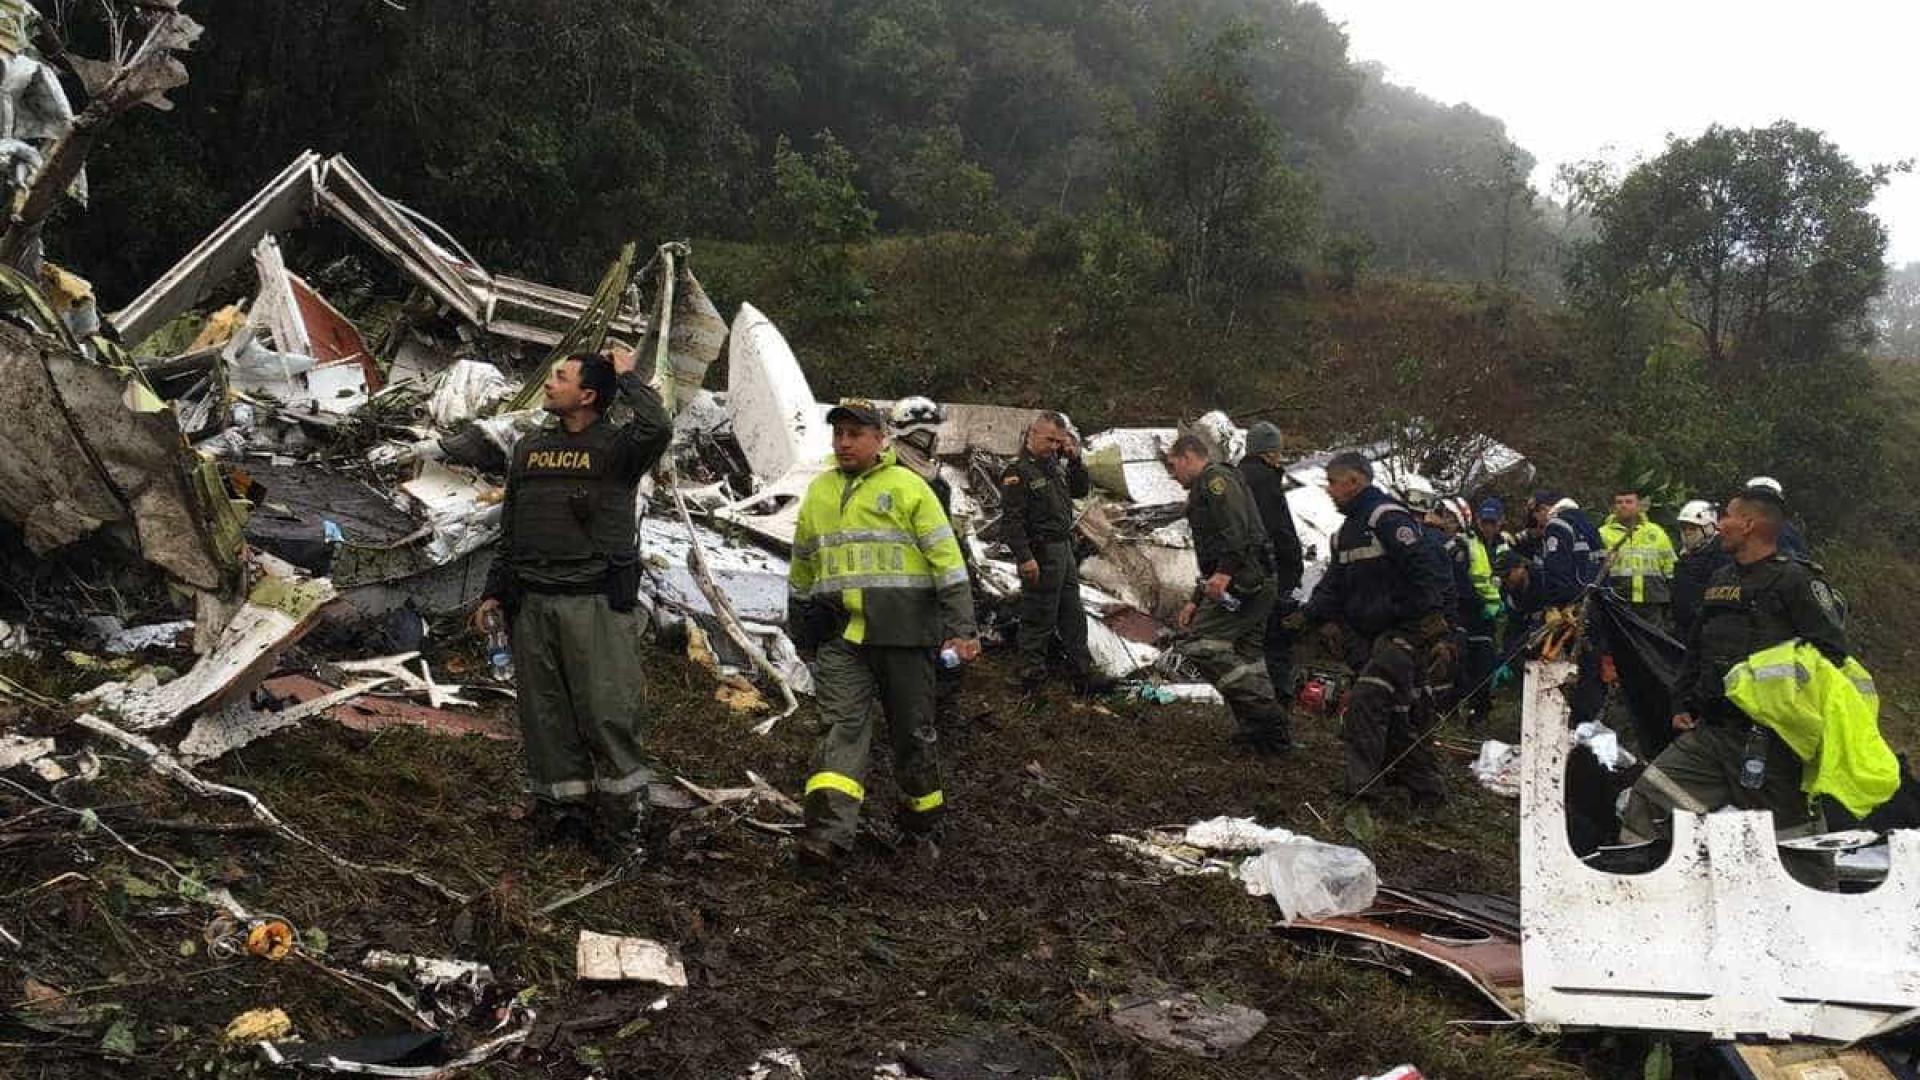 Autoridades confirmam: Avião da Chapecoense não tinha combustível